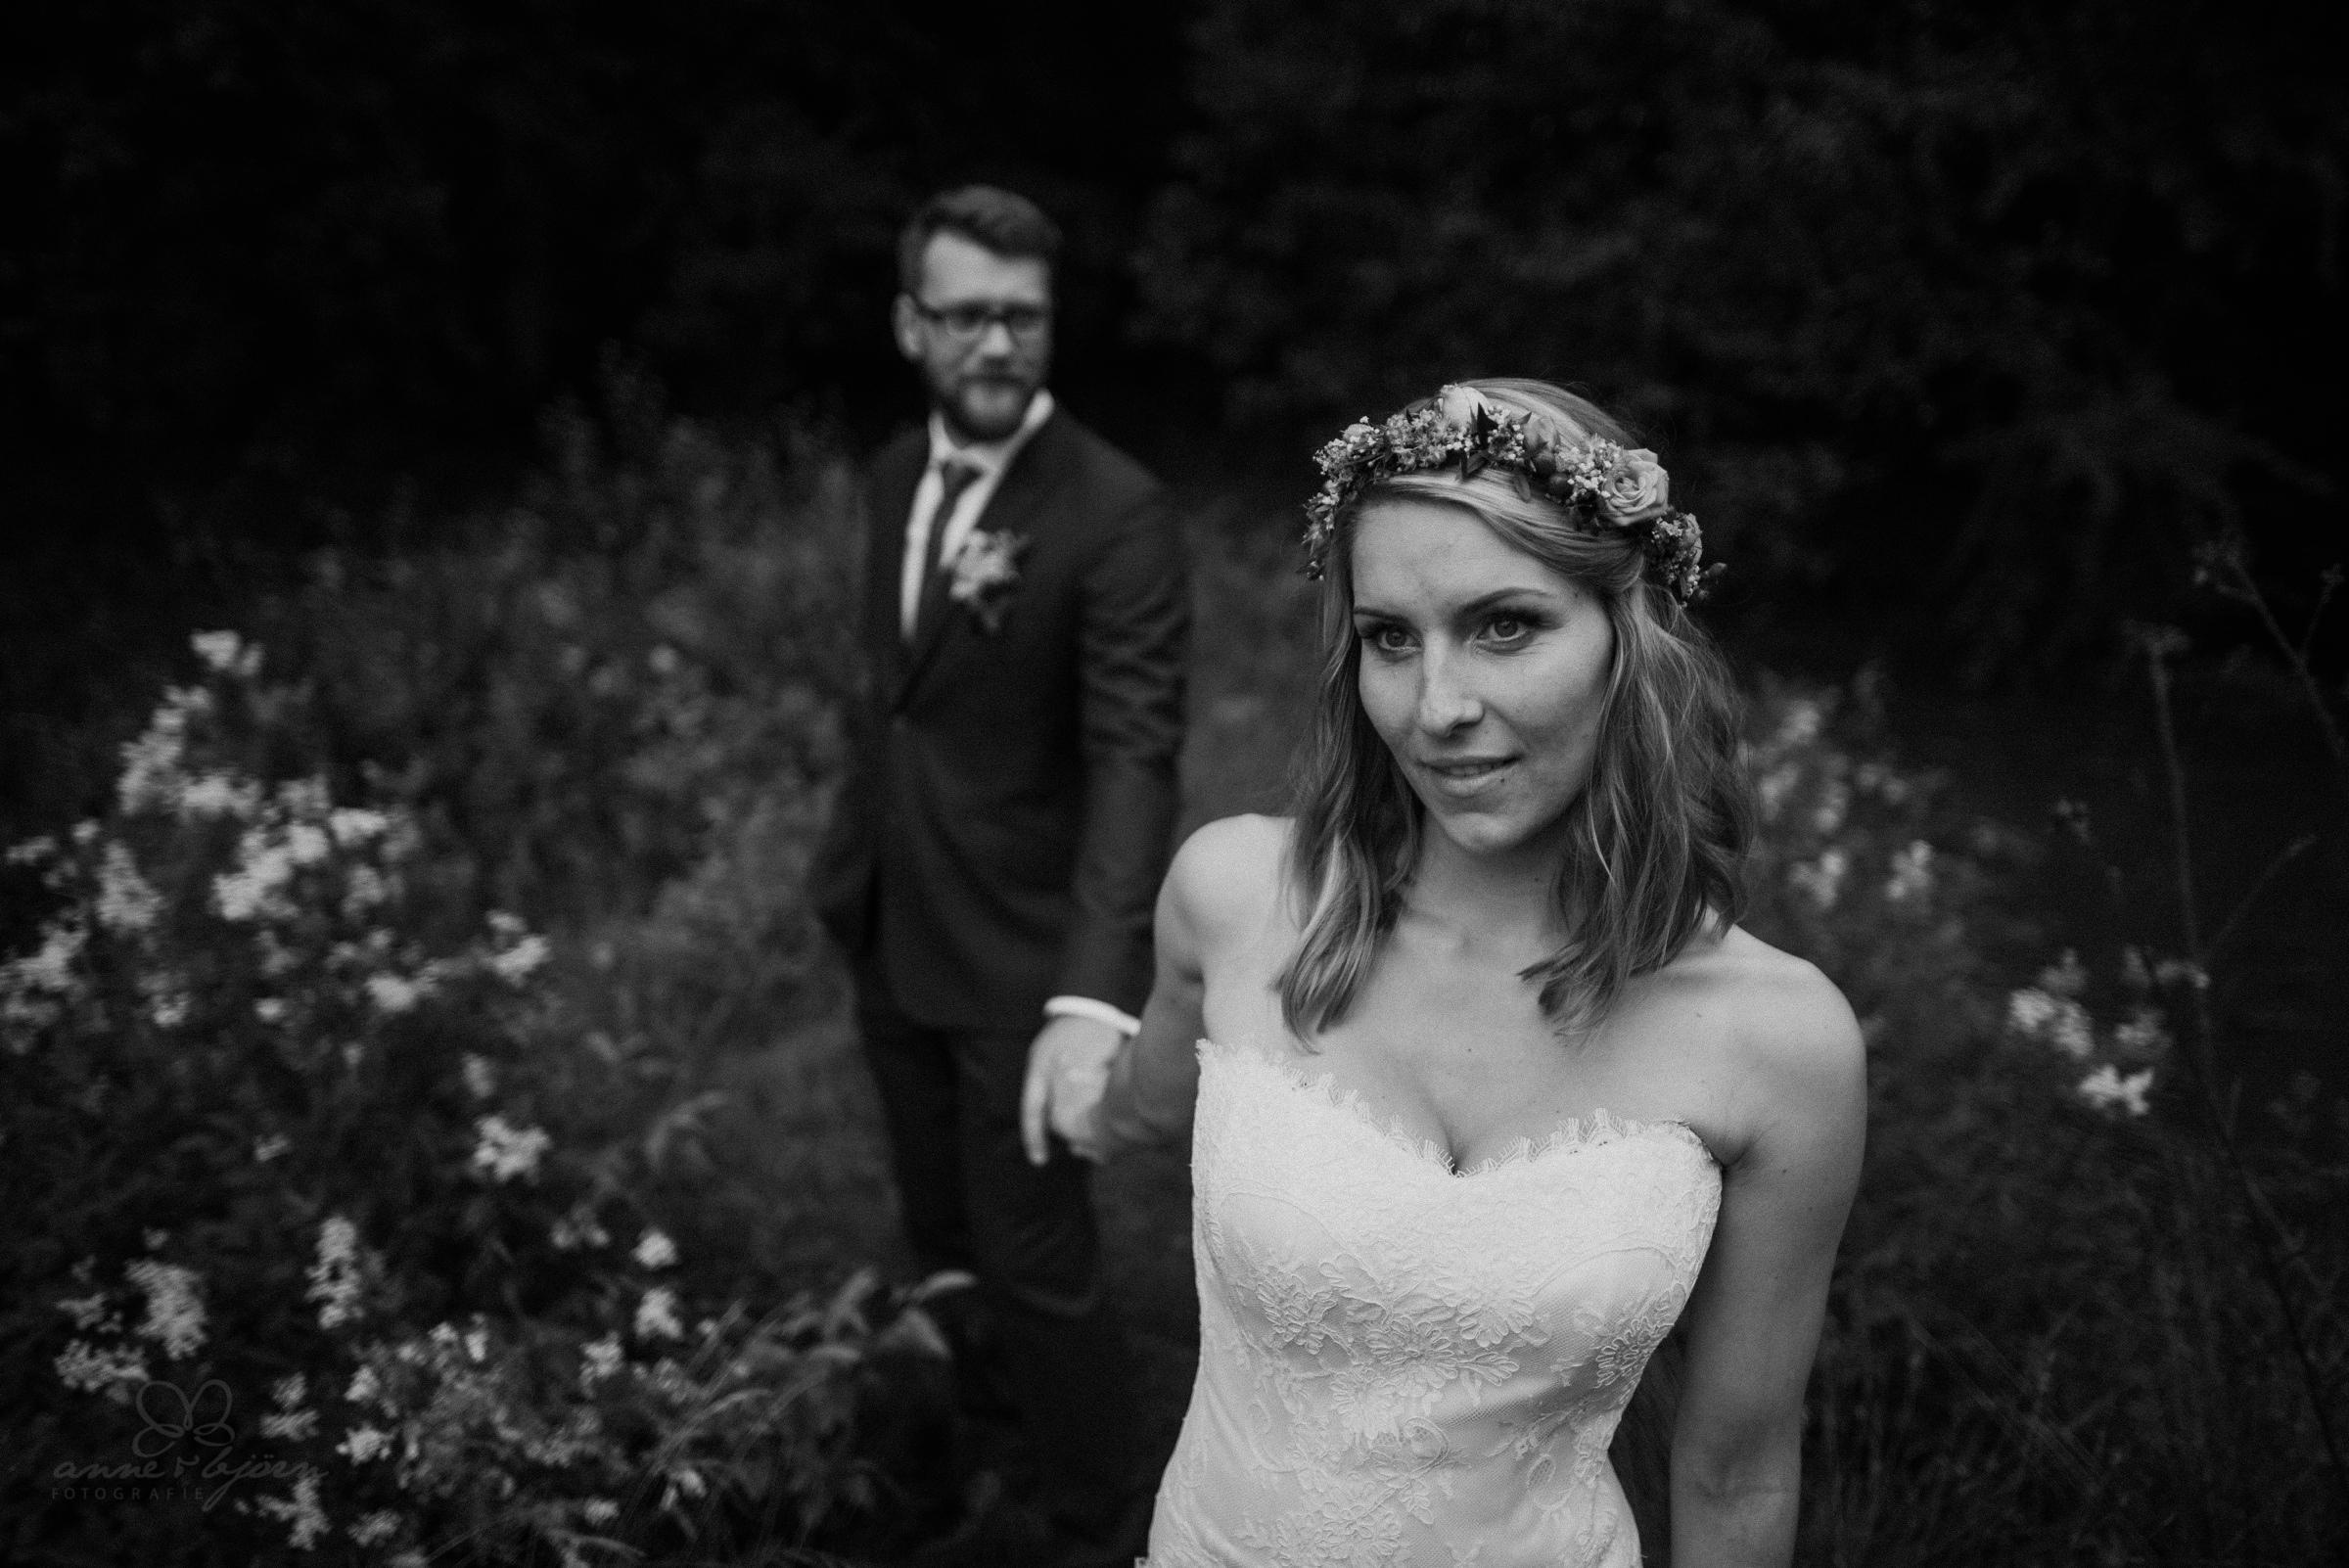 Hochzeitsfotografie, Paarbild, Portraitfotograf, Blumenkranz